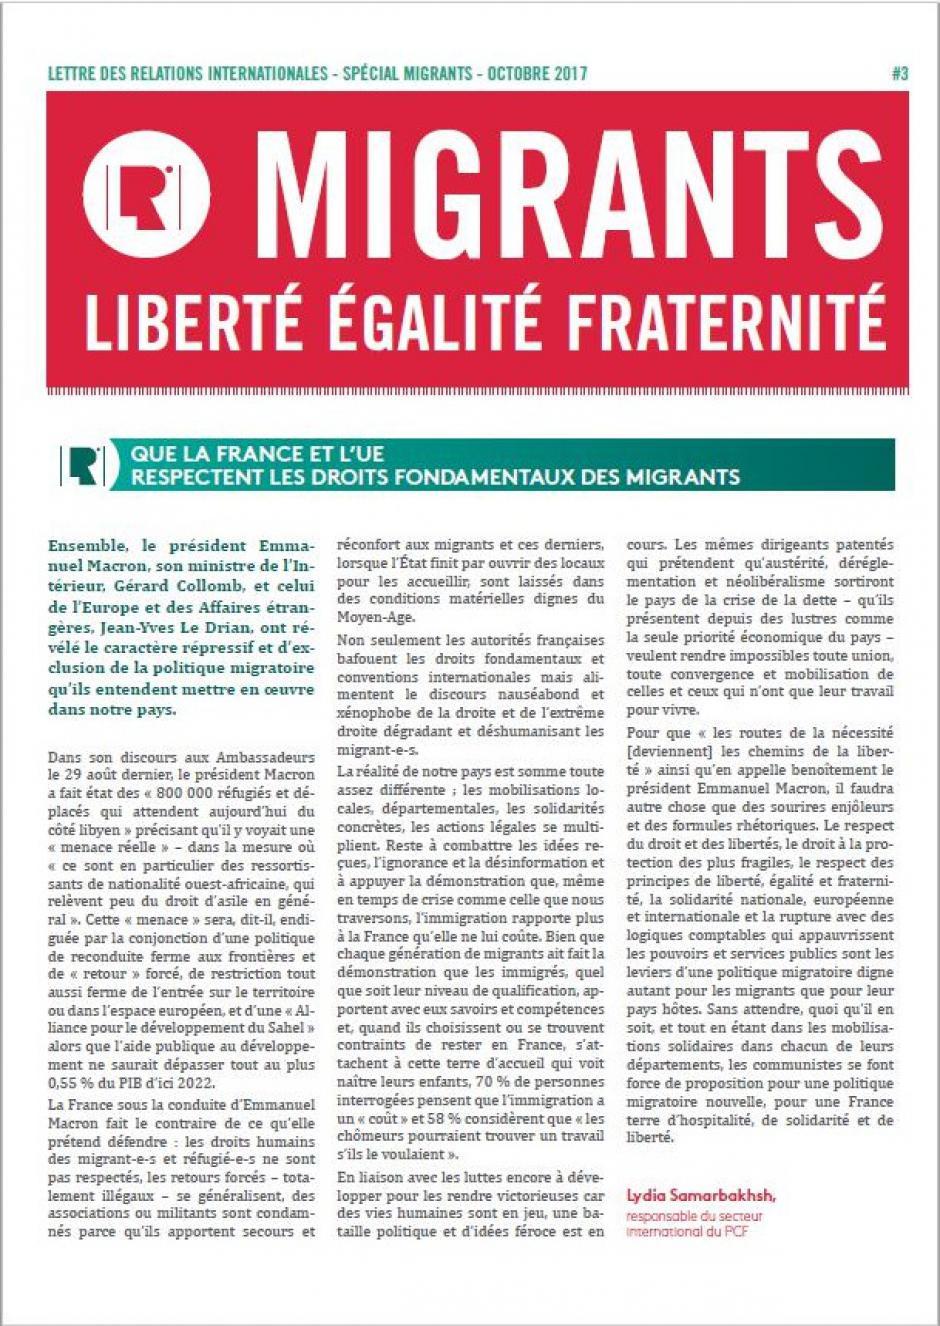 Grèce : immigrés, réfugiés, vers un accueil européen